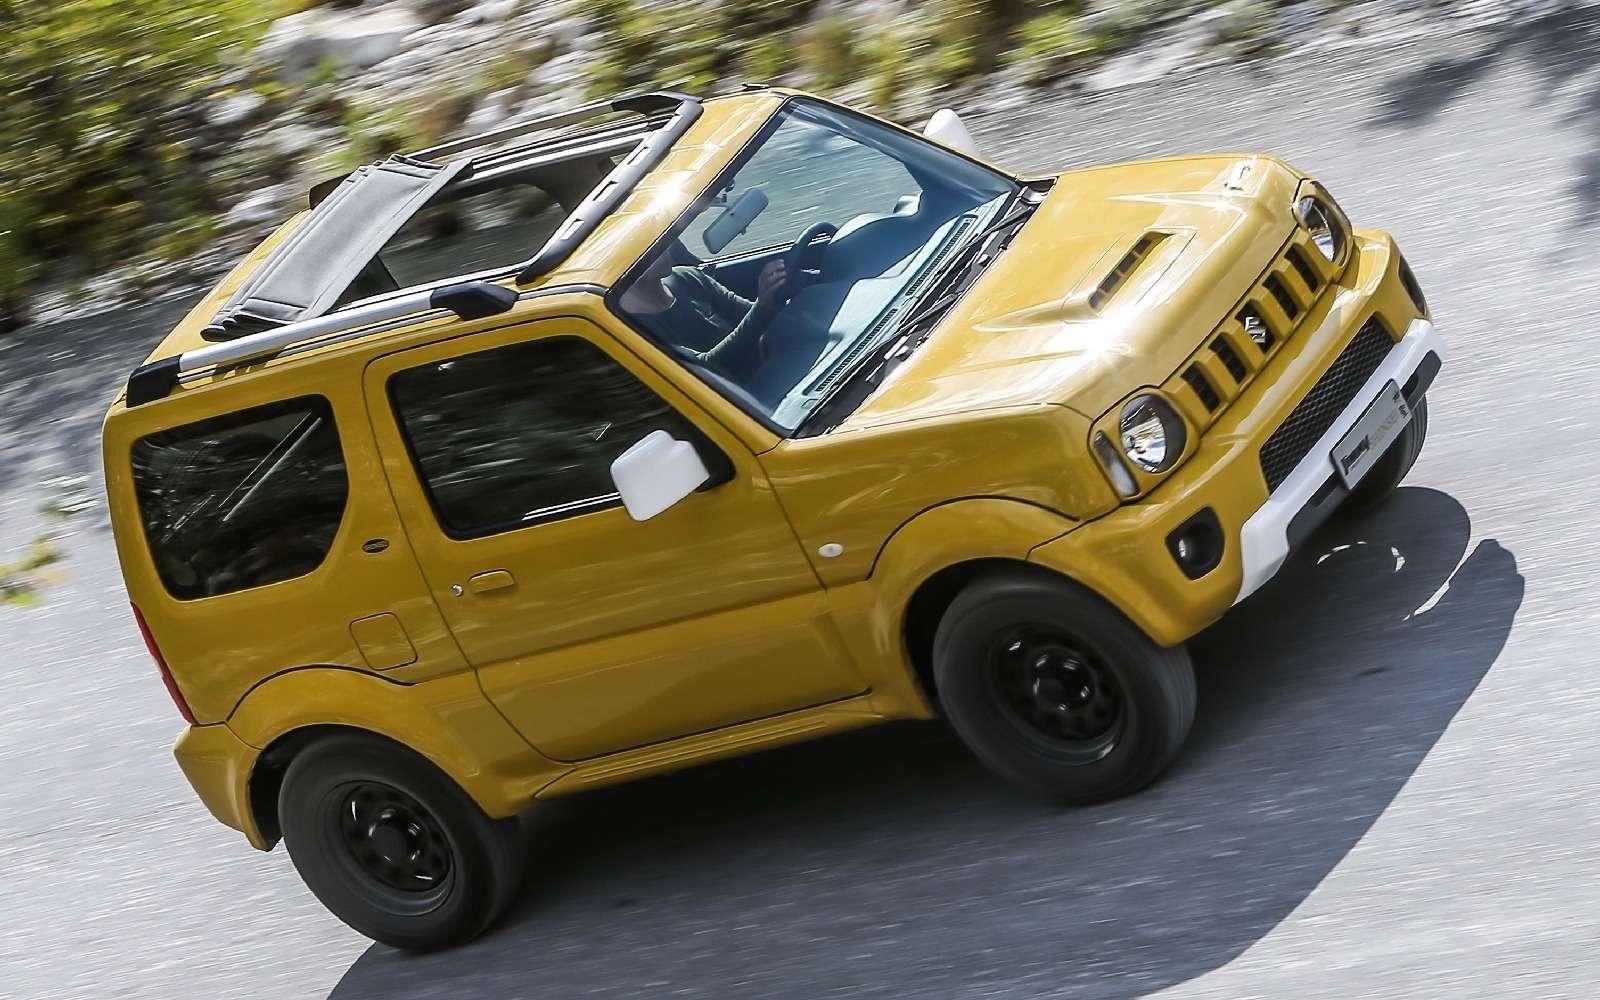 Святая простота: вышла спецверсия вседорожника Suzuki Jimny— фото 650248